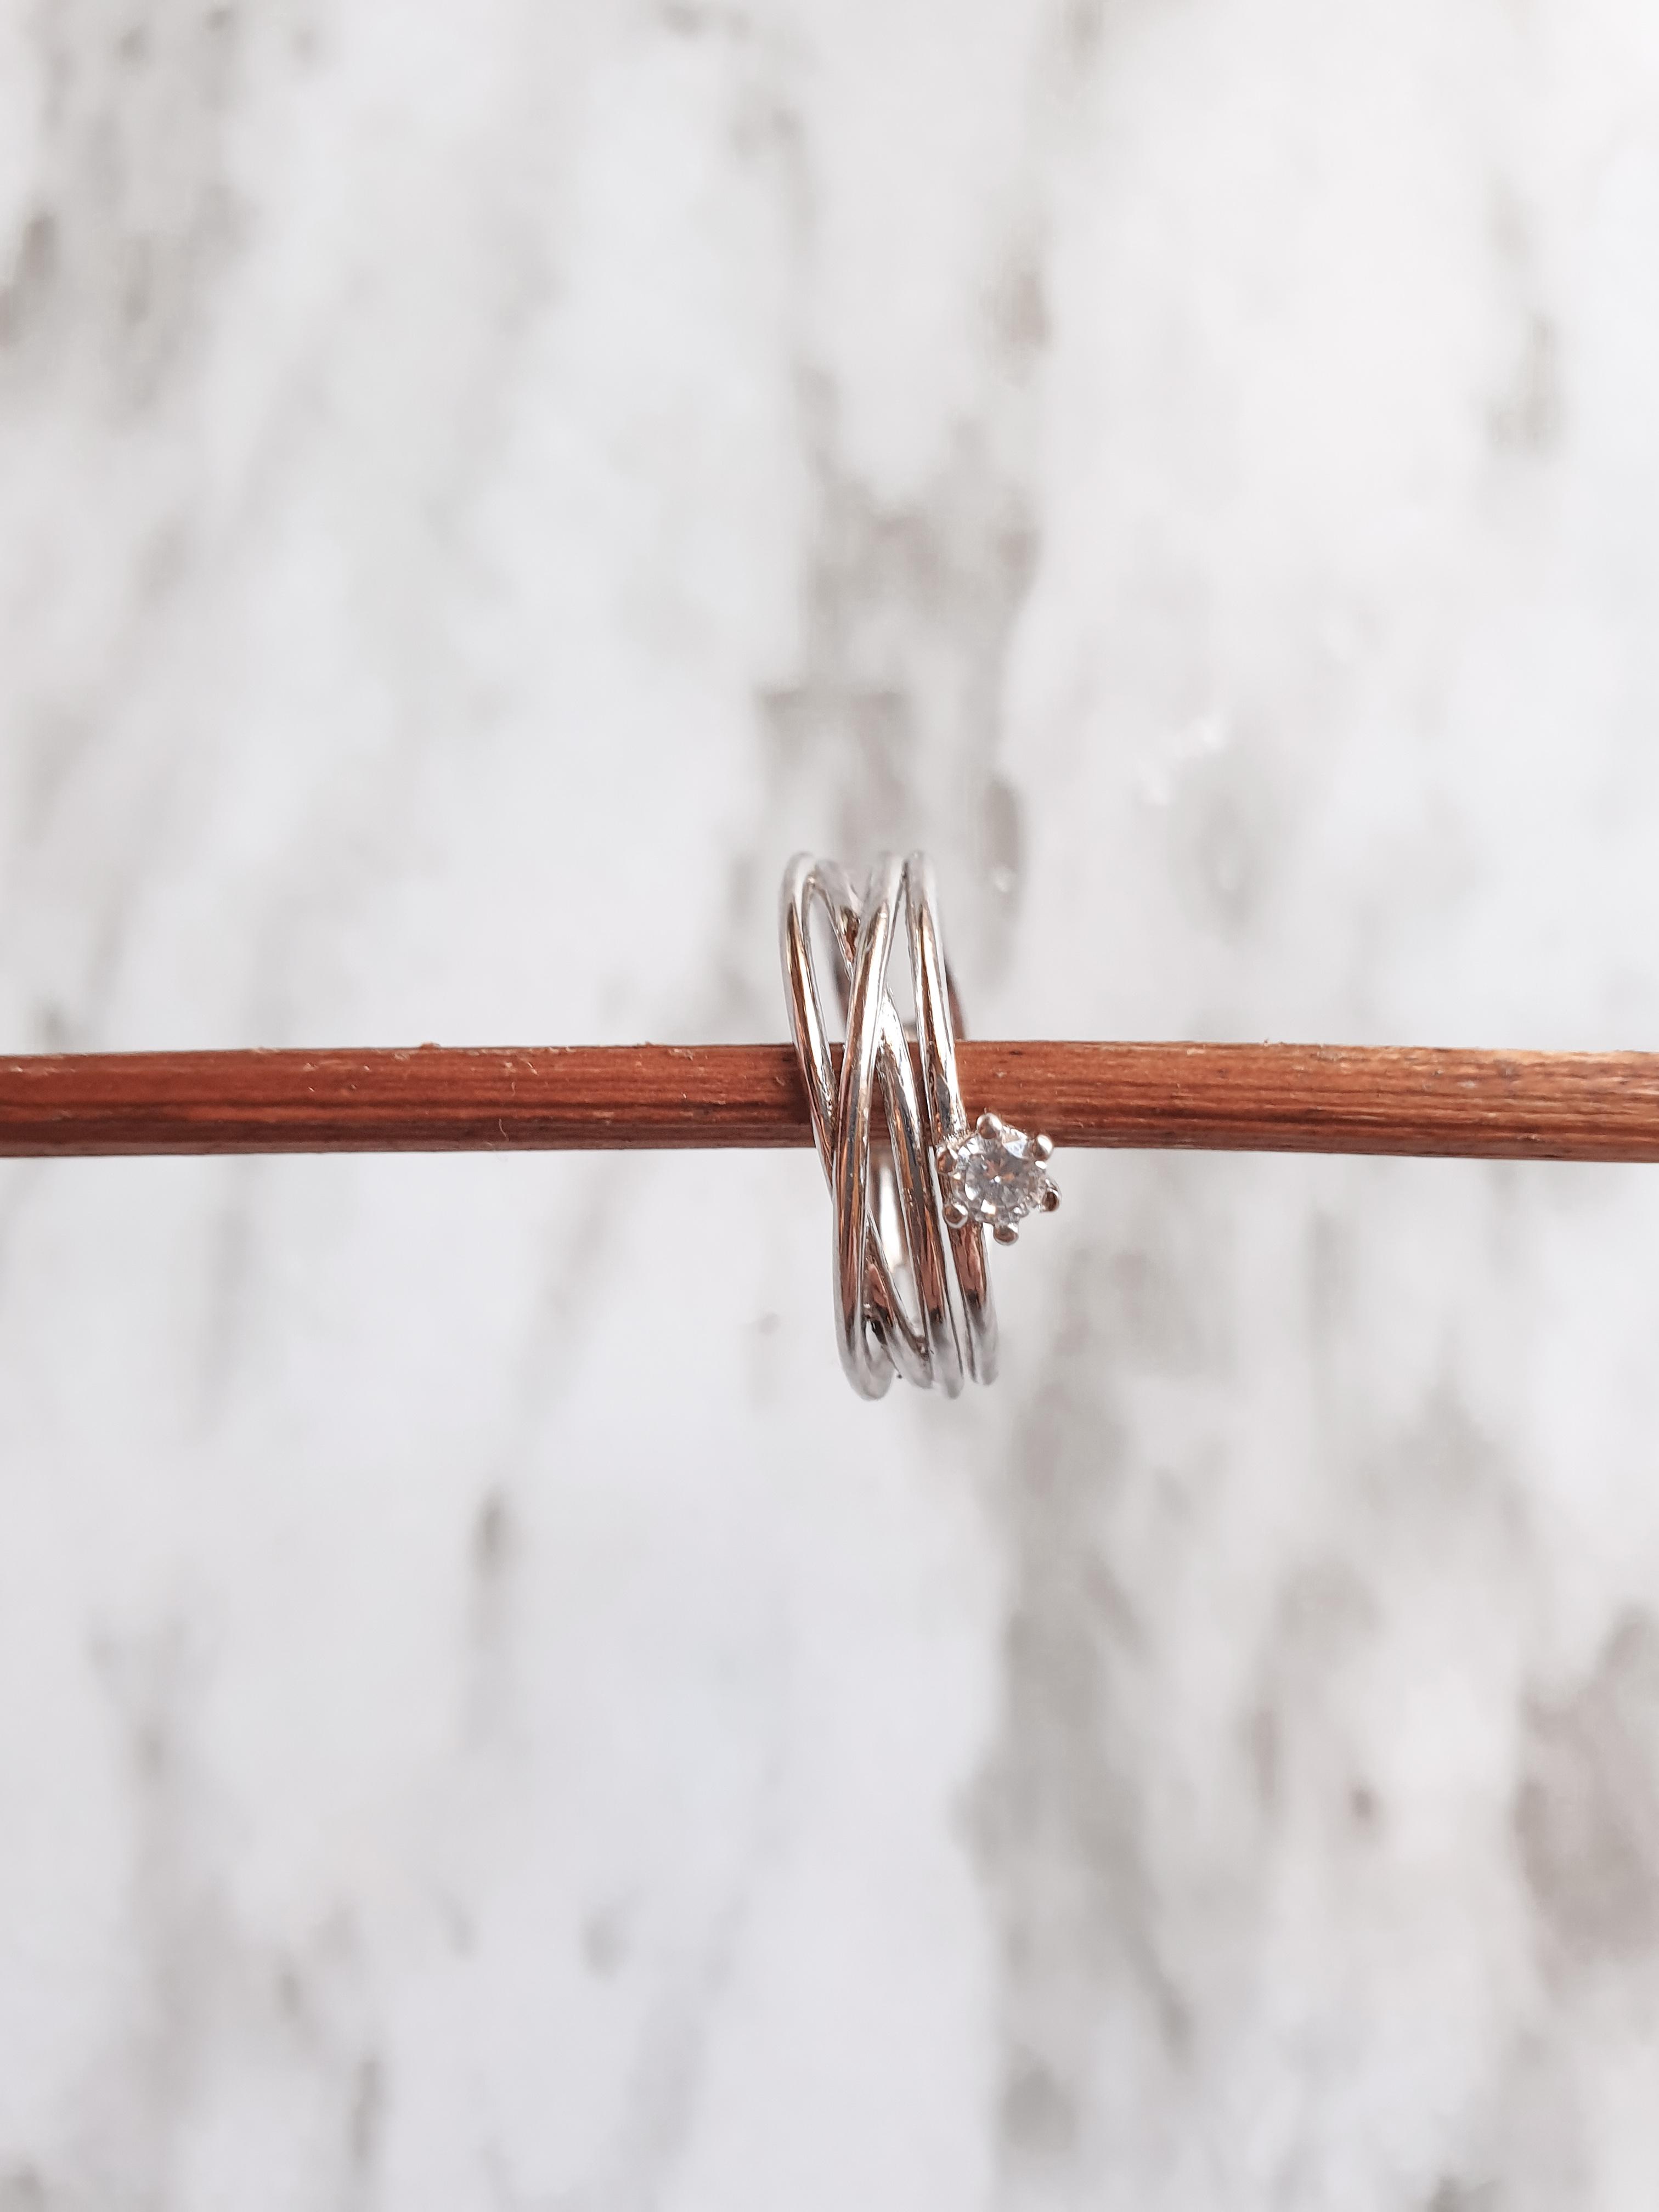 Anillo con circonita - Dosaes Jewelry